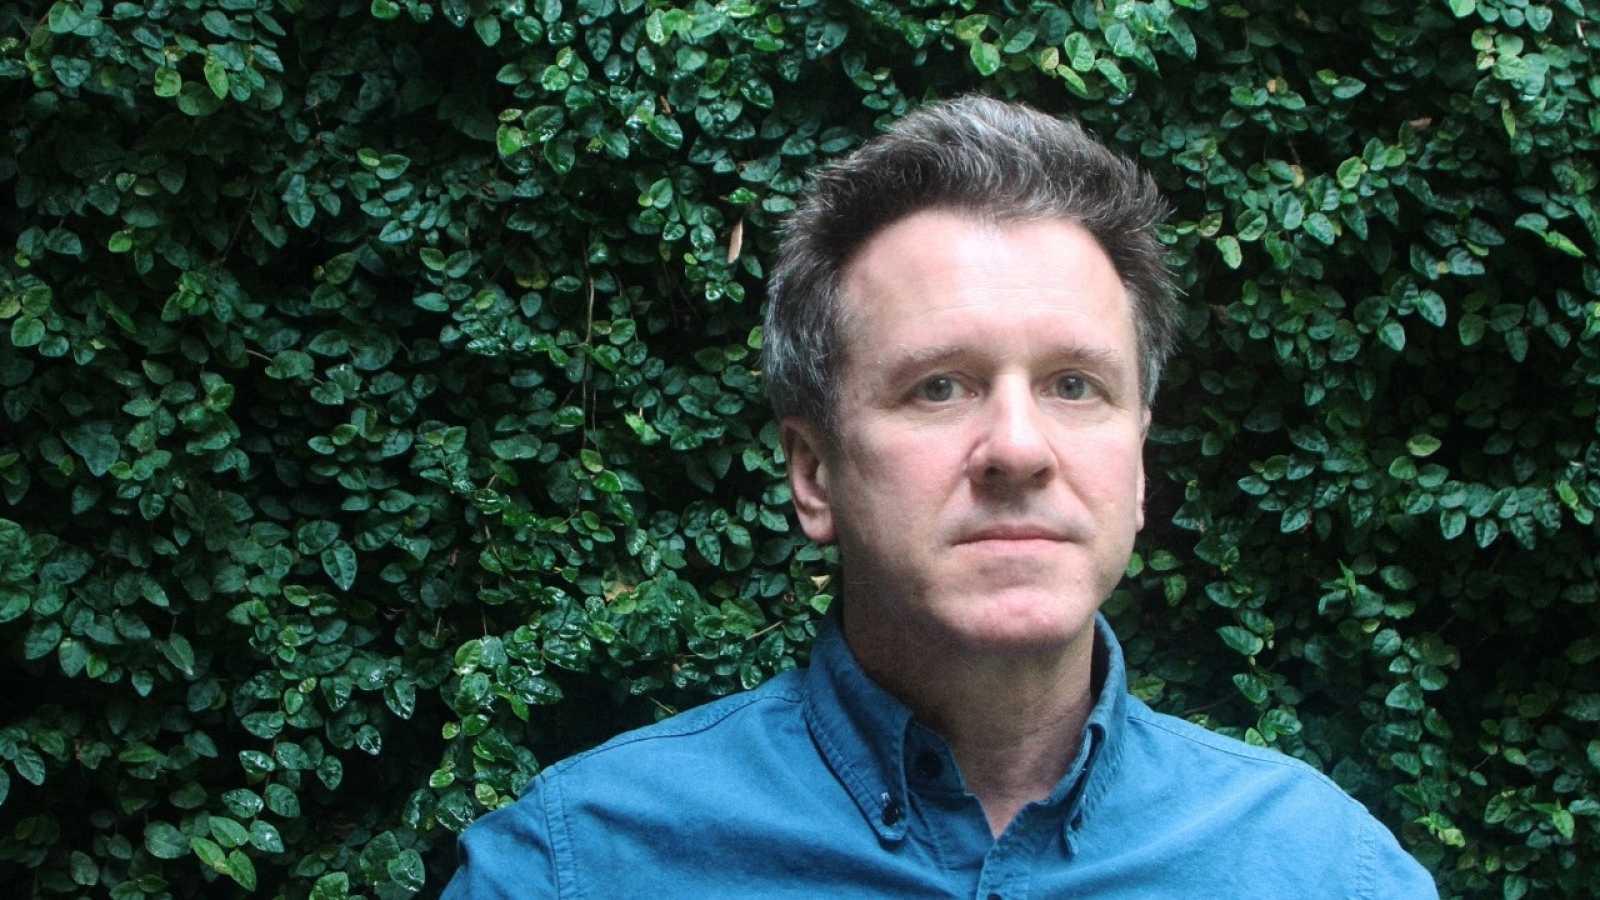 Qué parezca un accidente - Mac McCaughan, el capo de Merge records - 22/09/21 - escuchar ahora